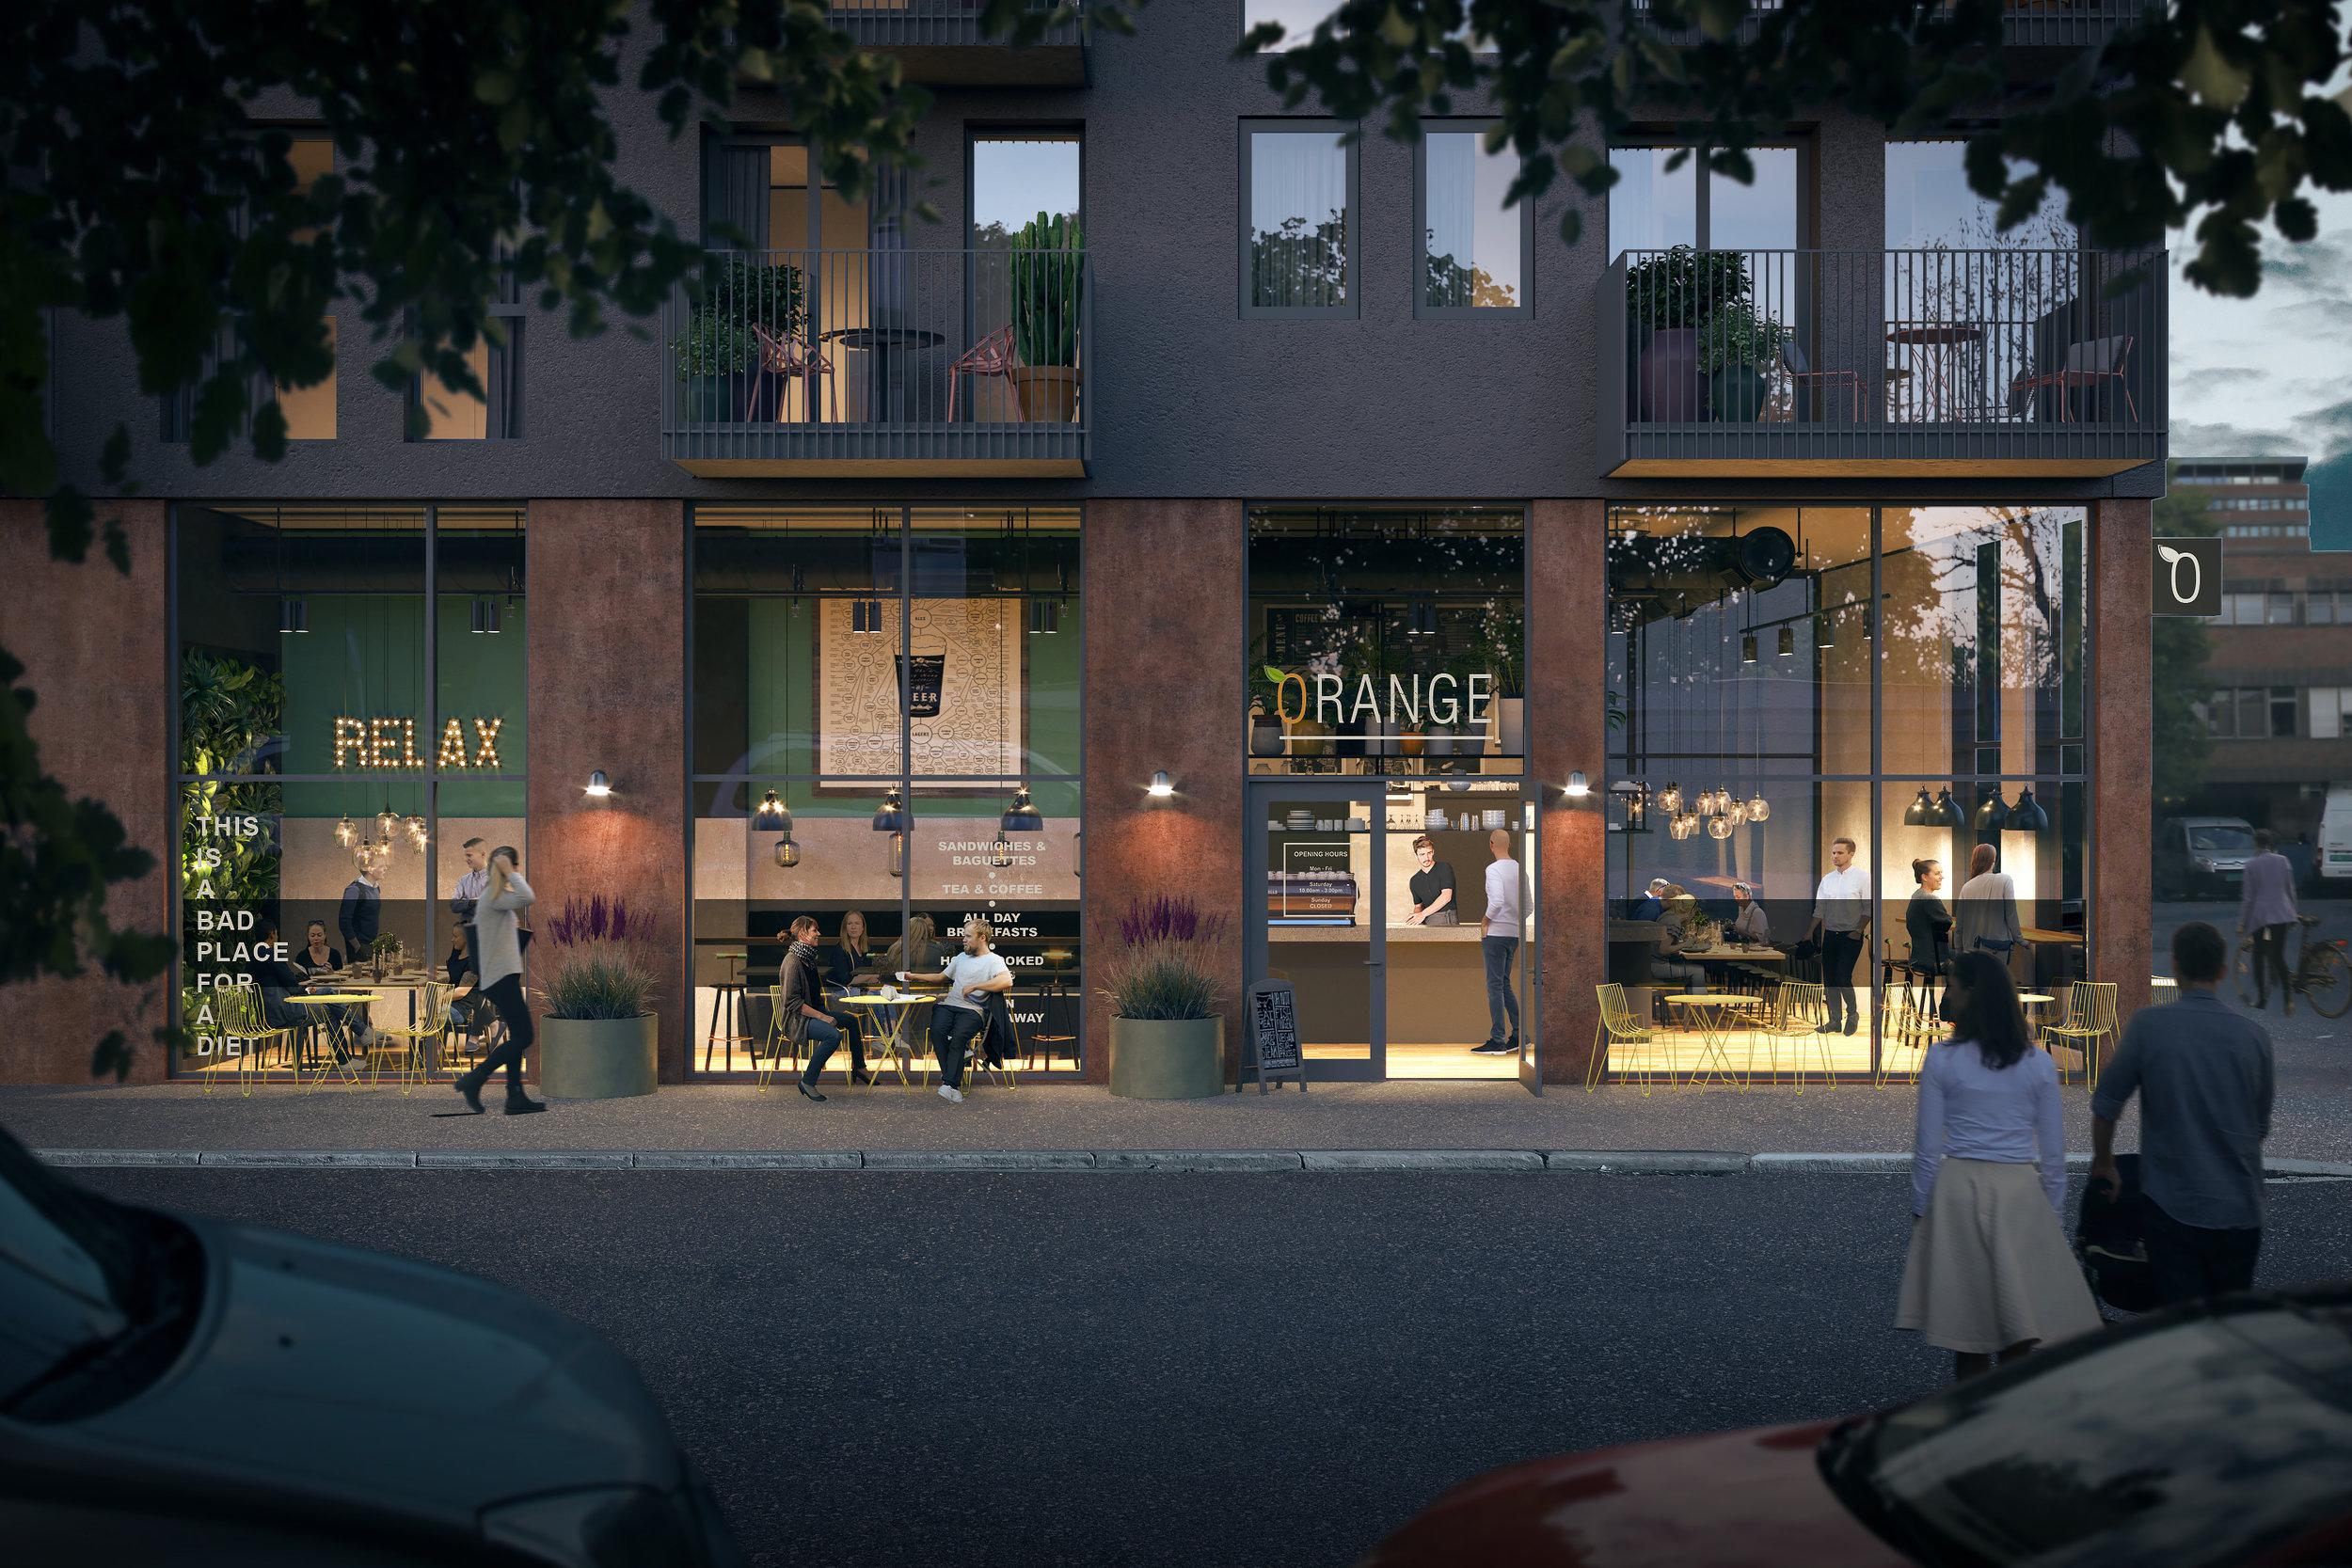 Hagegata 25 Cafe